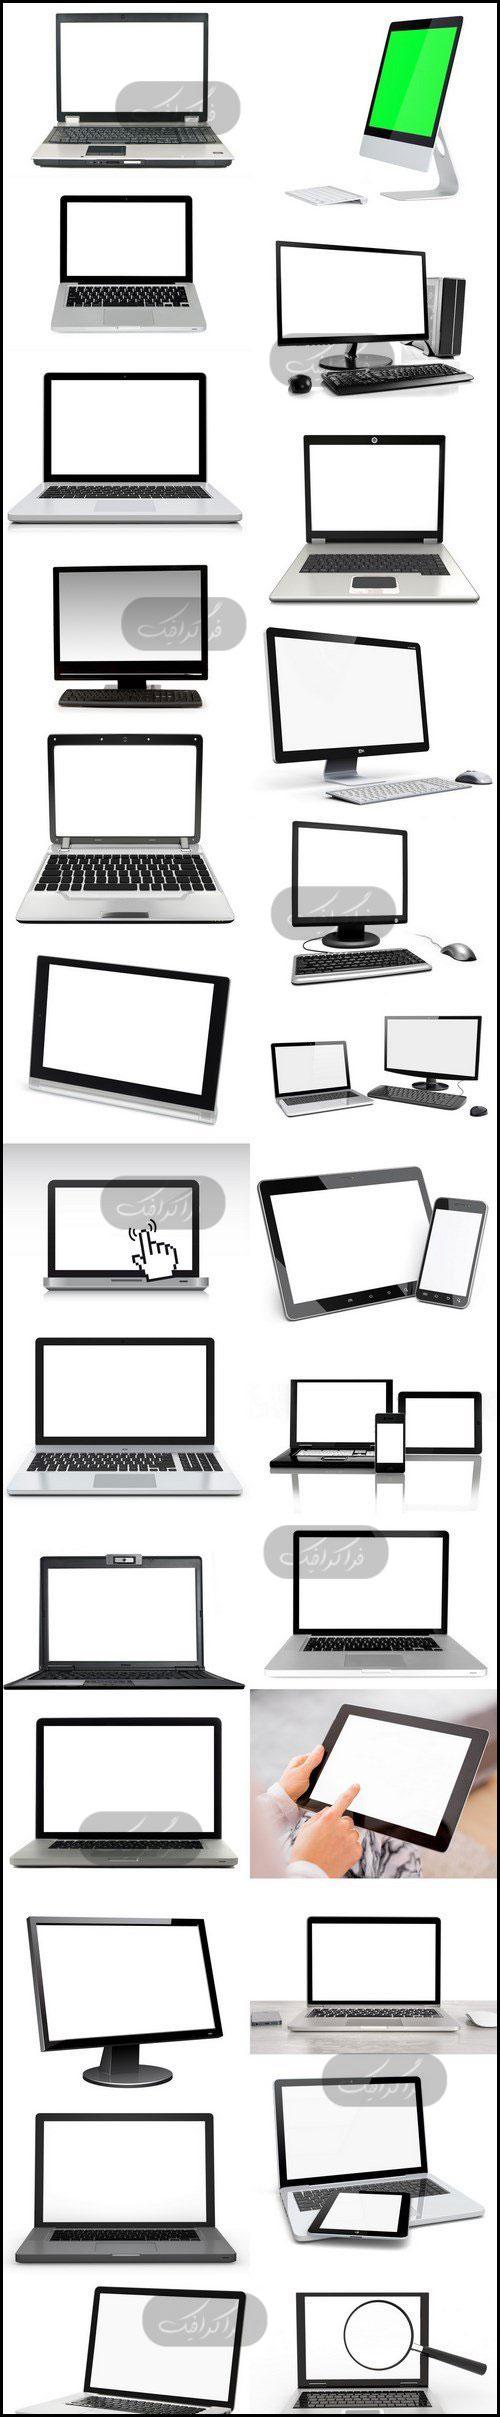 دانلود تصاویر استوک لپ تاپ با صفحه سفید